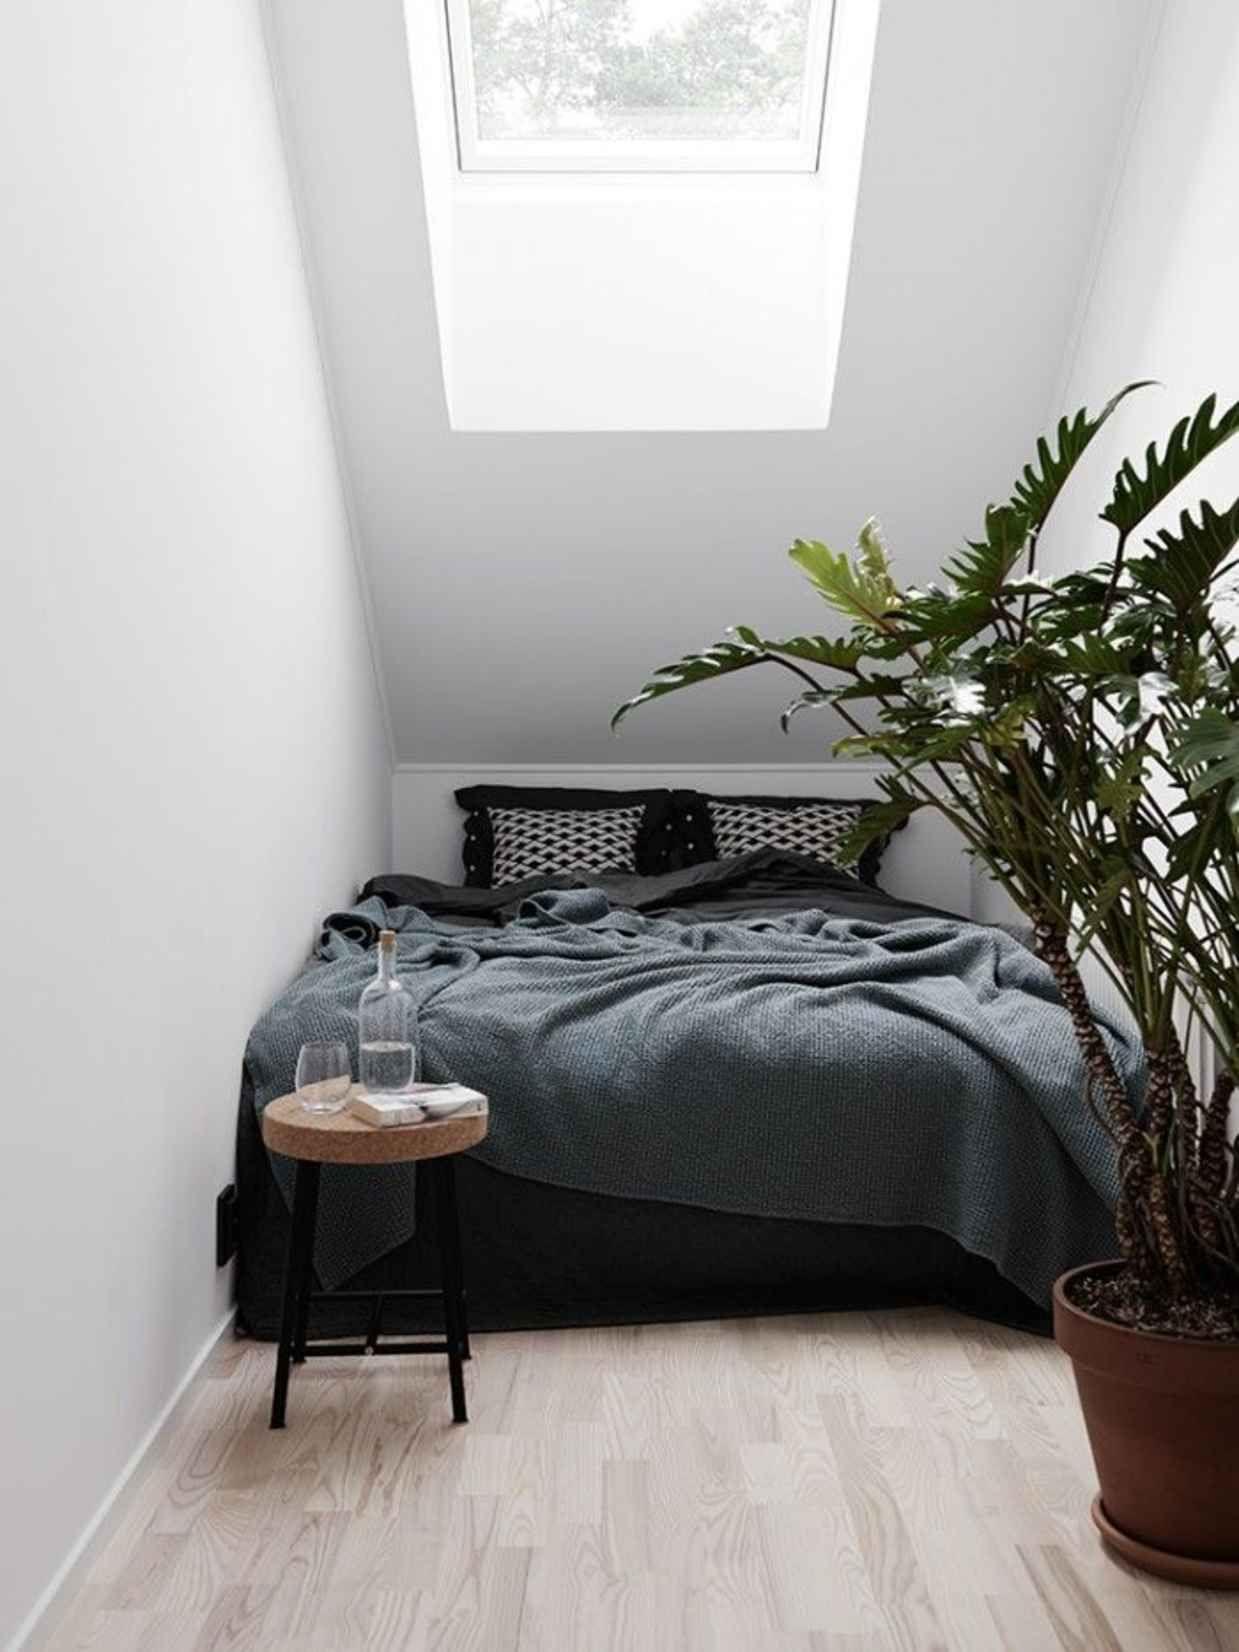 Inspiring examples of minimal interior design intérieurs